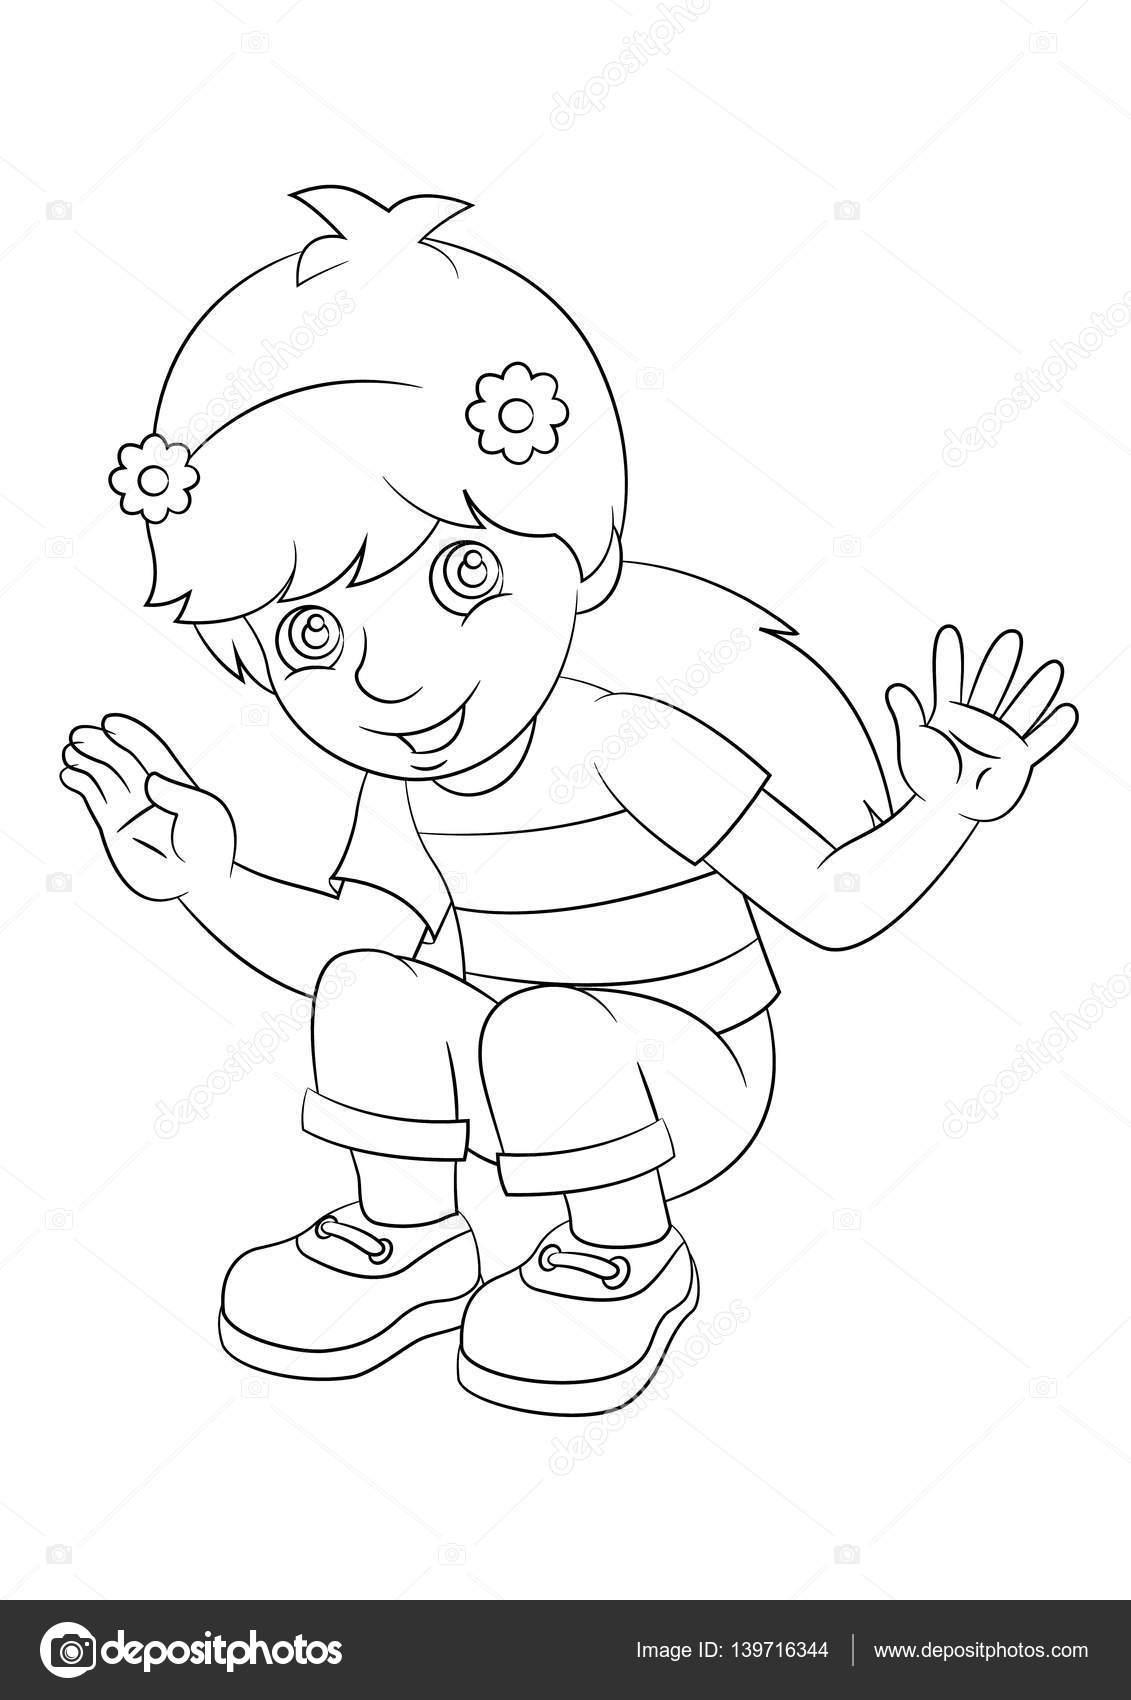 Chica sentada y sonriente ilustración - página para colorear - para ...